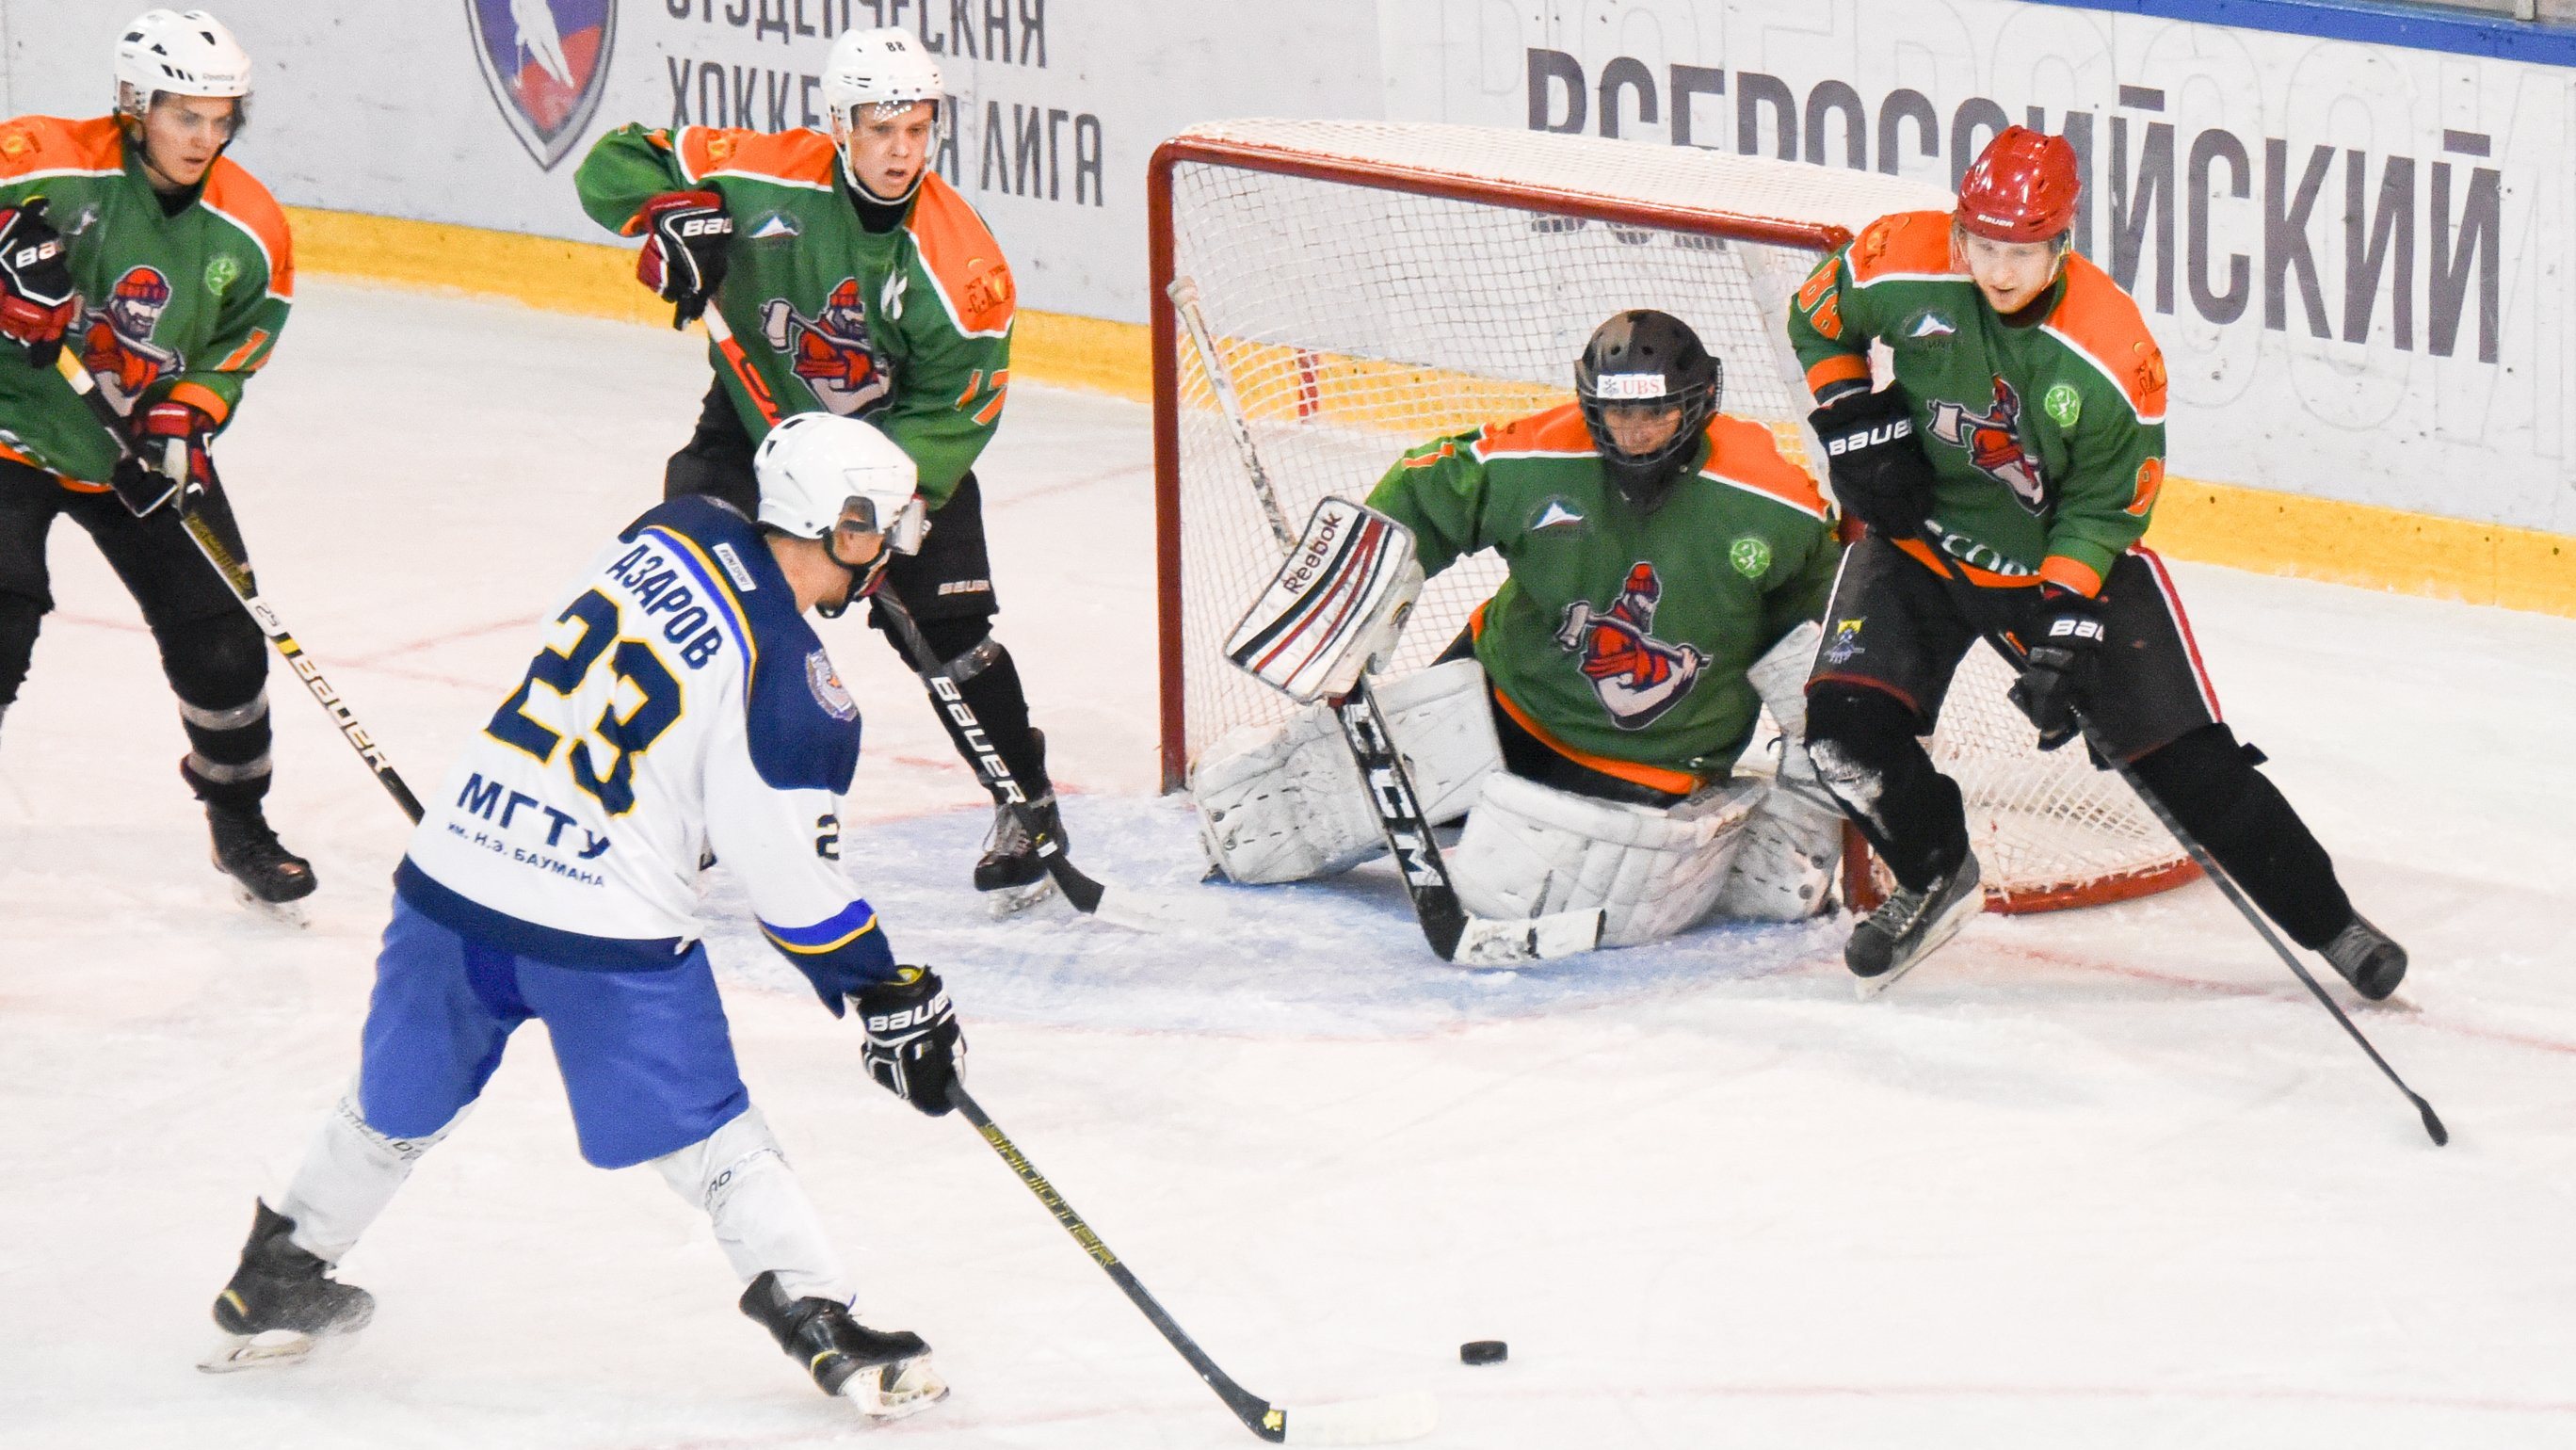 Финал первенства Студенческой хоккейной лиги прошел в Дмитрове